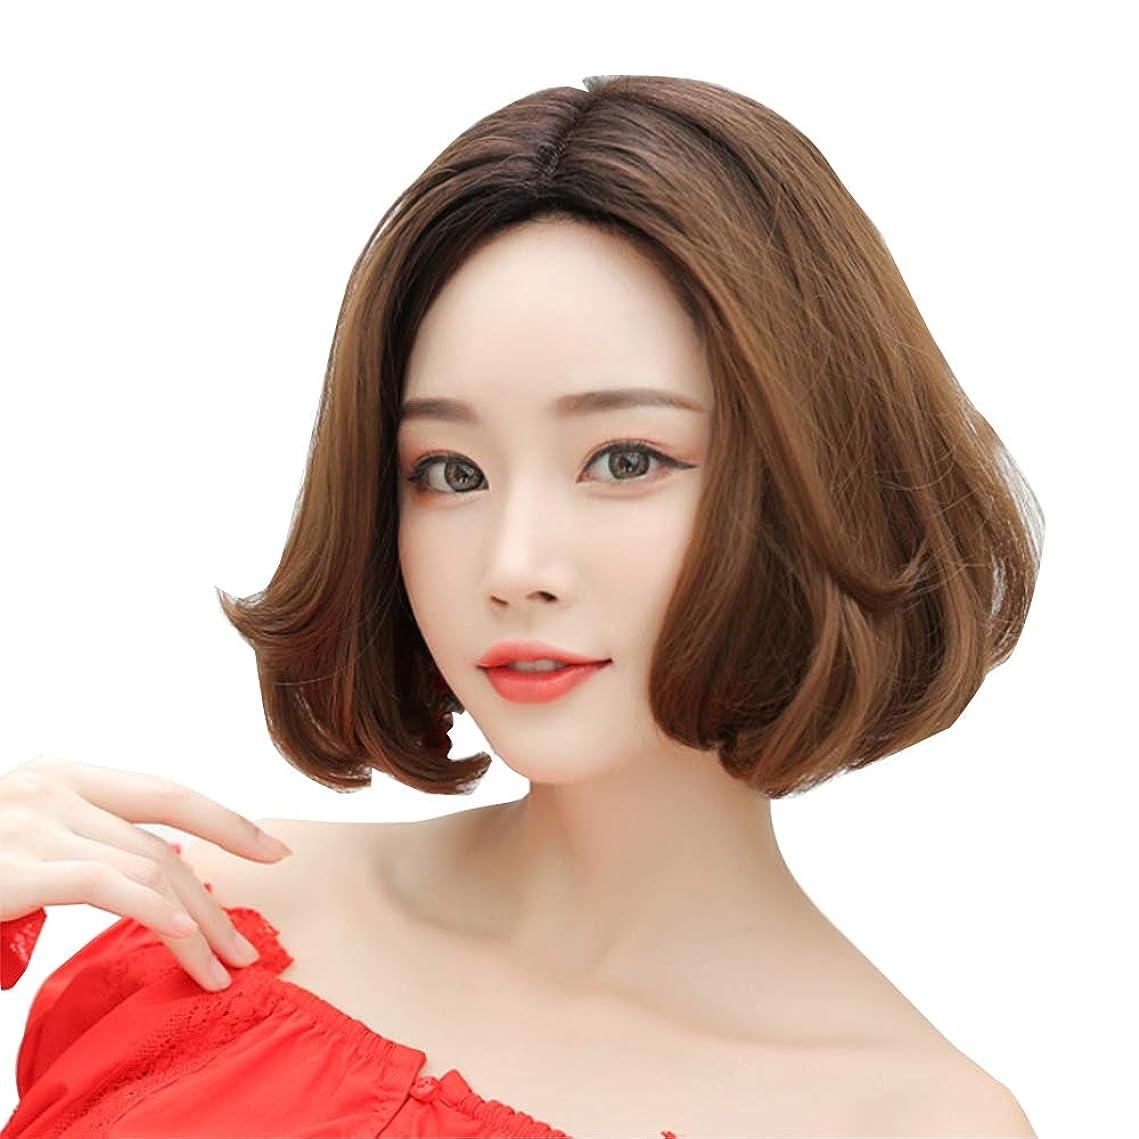 それぞれ豊富なパイプラインウィッグショートヘア女性用ふわふわウェーブのかかった髪かつら自然な耐熱合成ファッションウィッグショートカーリーコスプレ、グレーオレンジ,Orange